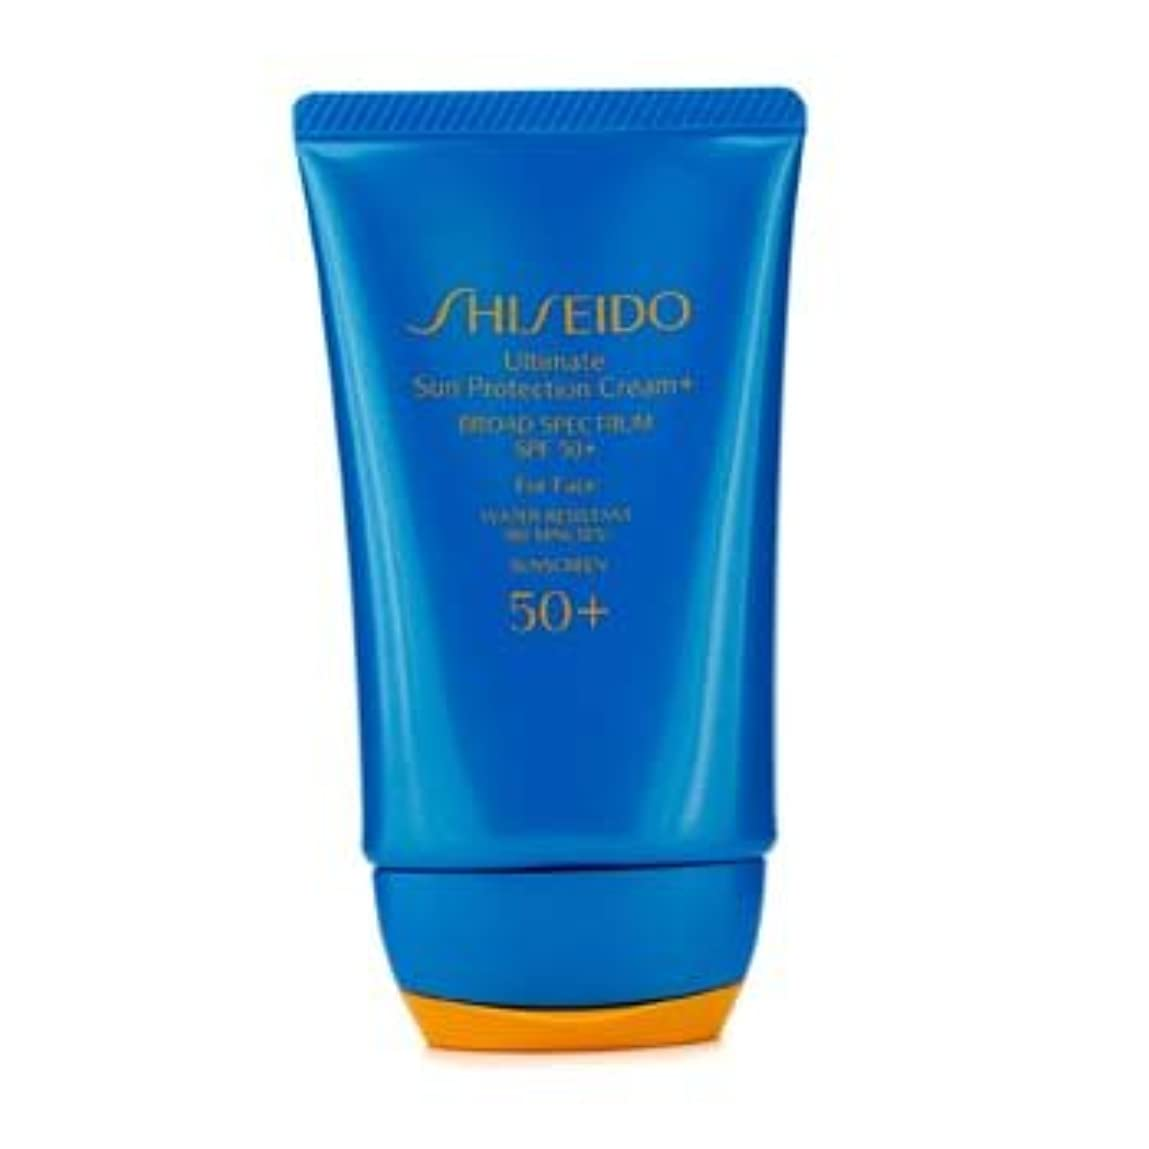 満州無視早い[Shiseido] Ultimate Sun Protection Face Cream SPF 50+ 50ml/2.1oz